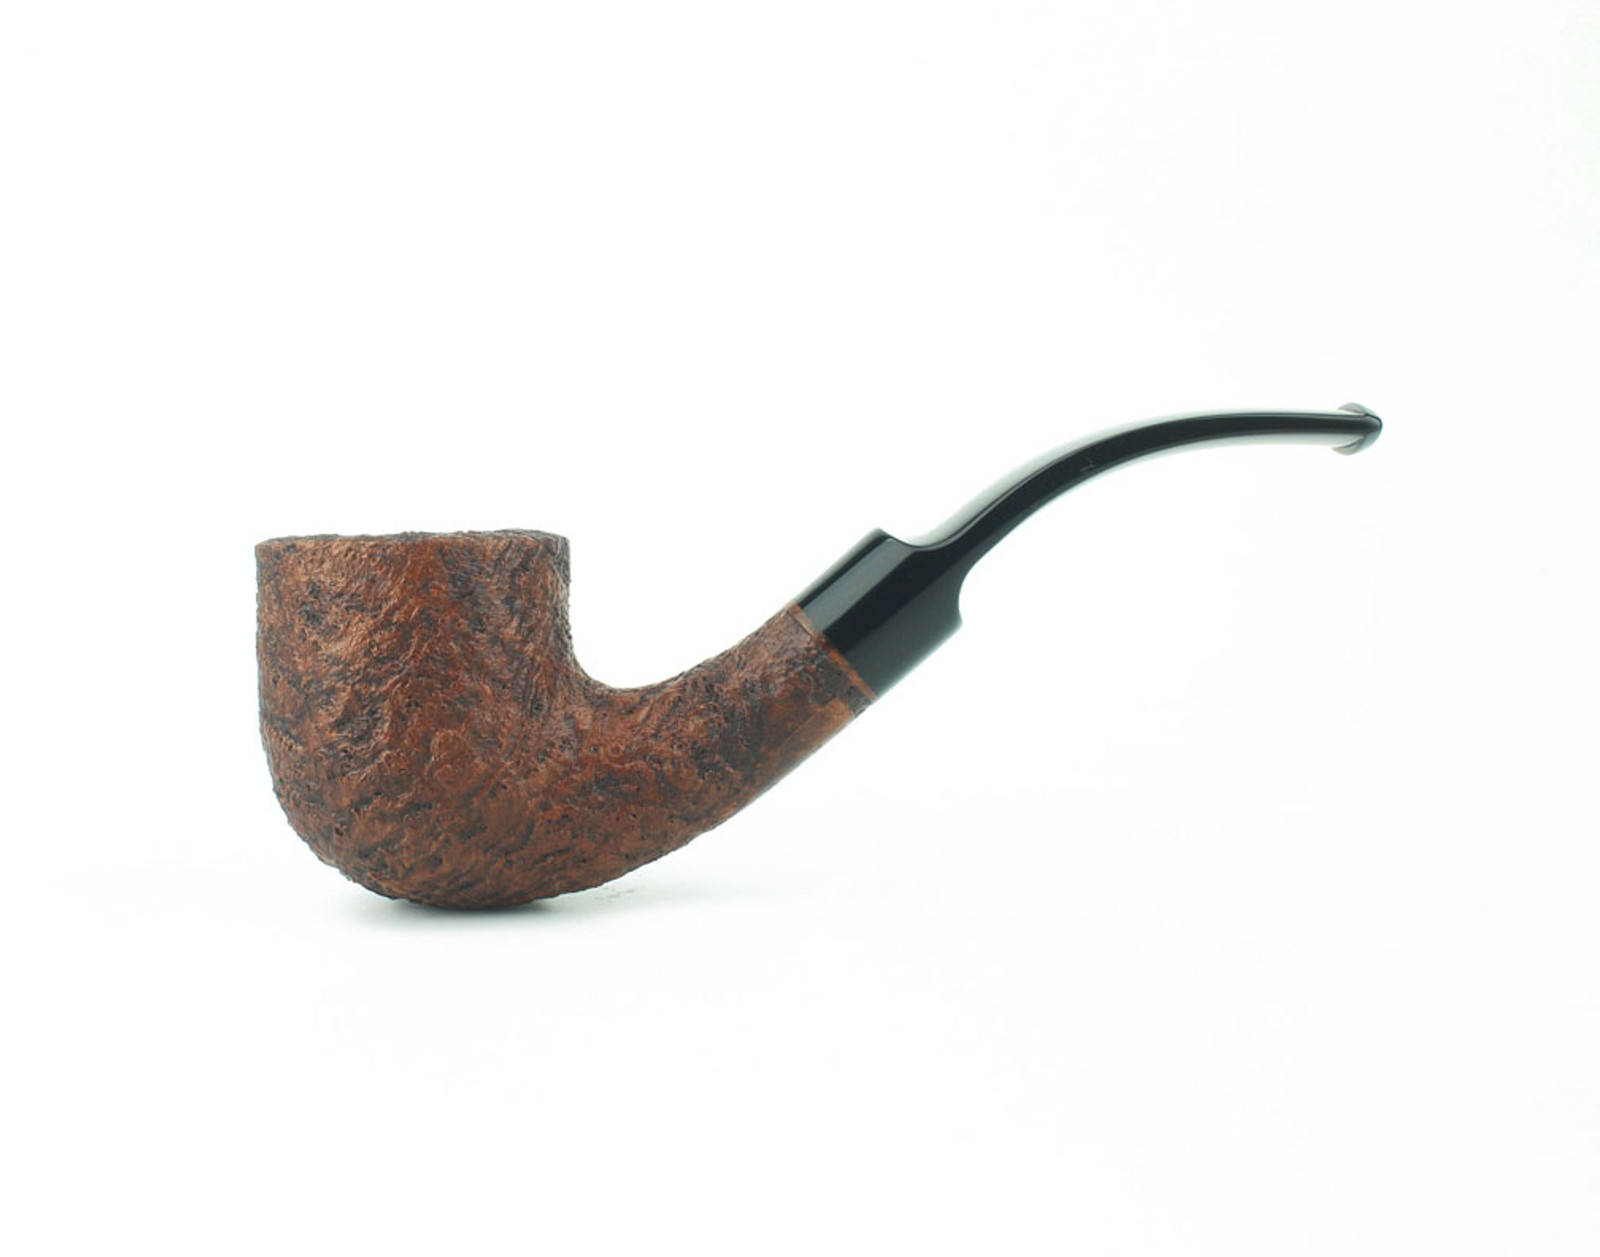 C131FBB B (9mm) - BriarWorks Classic C131F Bent Pot - Brown Blast w/ Black Stem